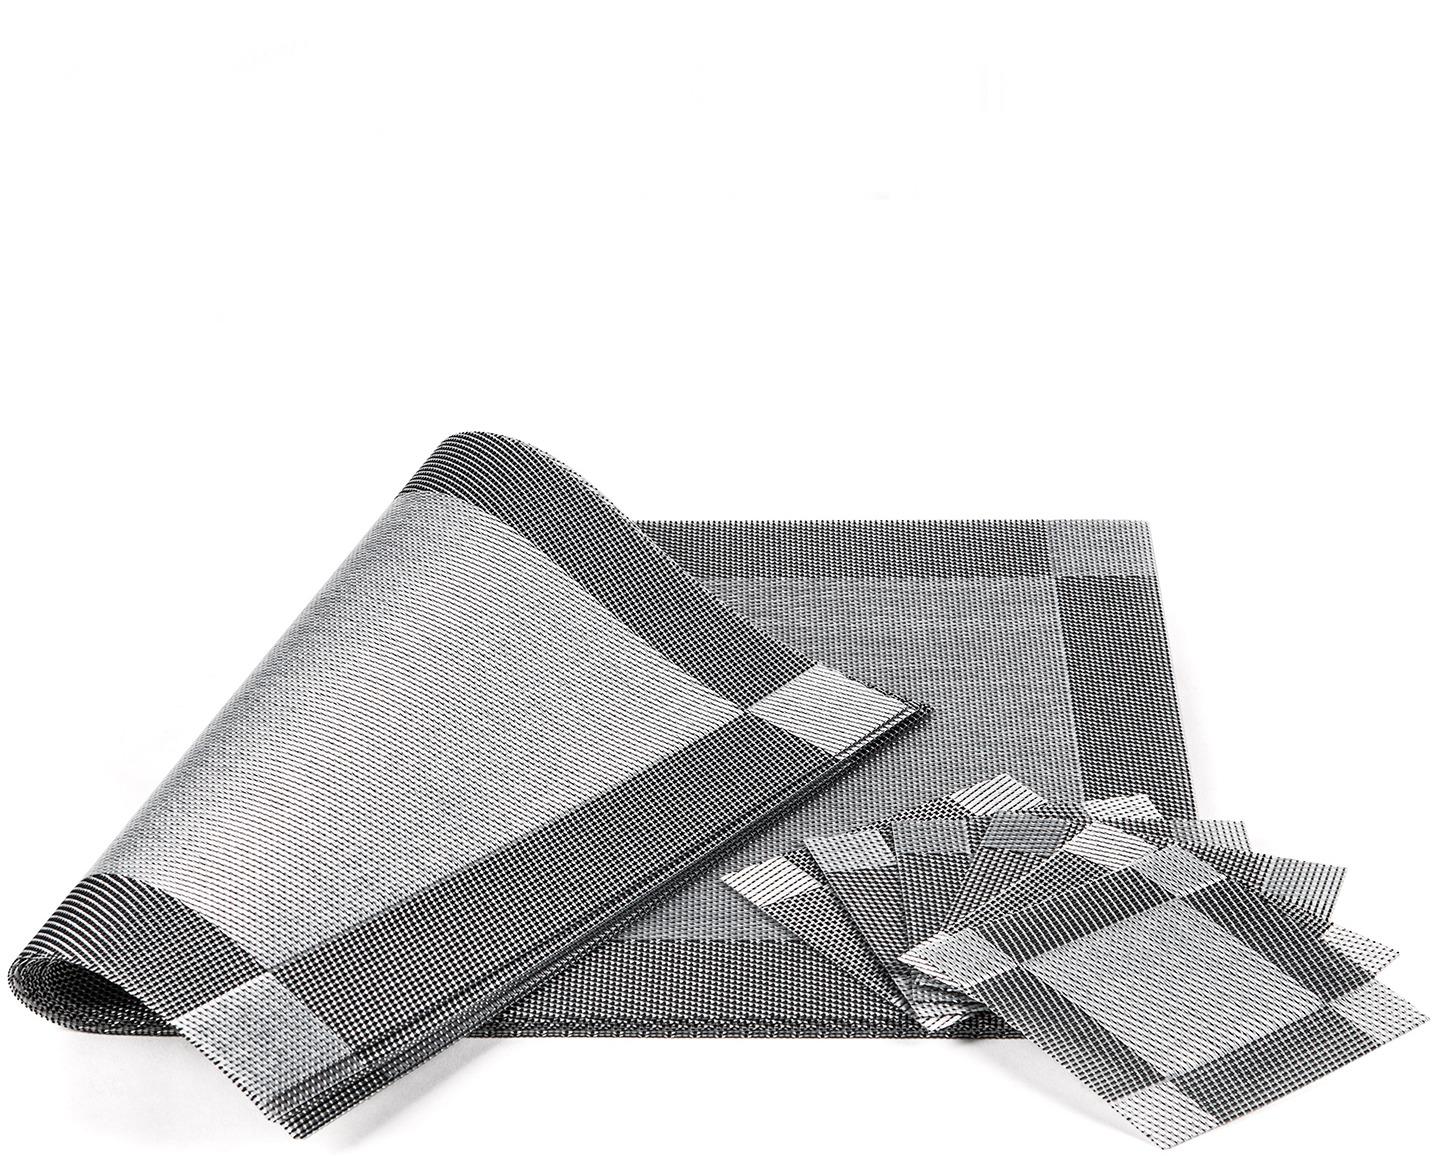 Набор cалфеток под горячее Tatkraft First, с подставками под чашки20764Tatkraft FIRST Набор cалфеток под горячее с подставками под чашки, 6 шт., L45xH30xD0,2 см и L10xH10xD0,2 см, Водонепроницаемый и простой в уходе материал, Нескользящие, прочные и гибкие, защищают столешницу от царапин. Материал: ПВХ